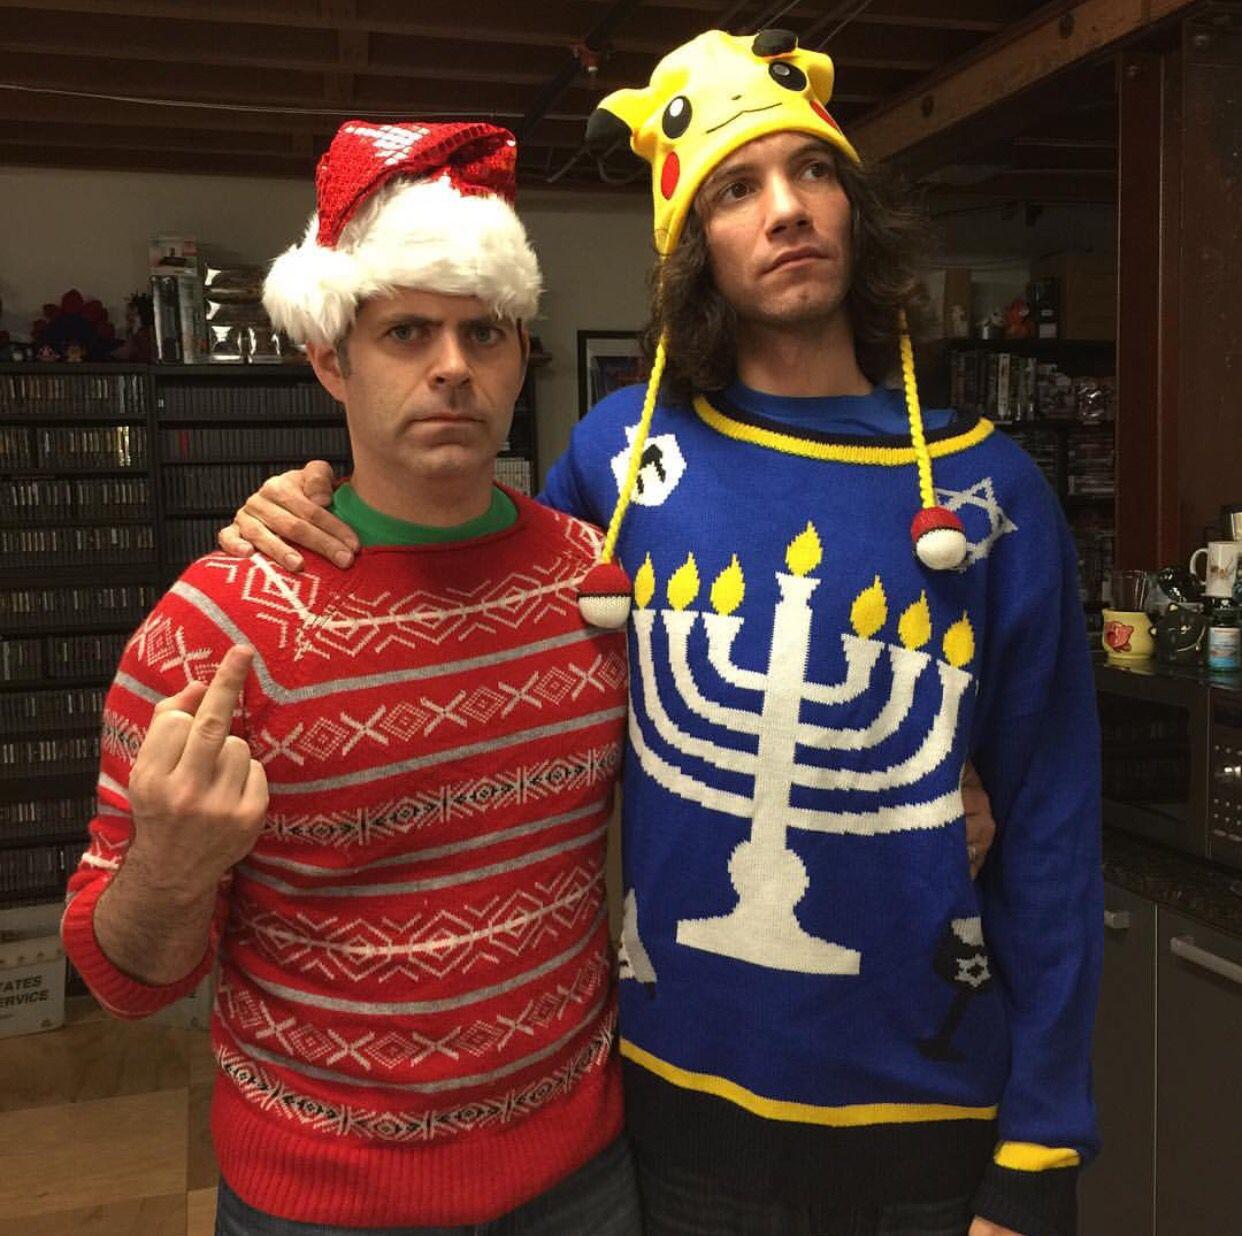 NSP Brian (Ninja Brian) and Dan (Danny Sexbang)  sc 1 st  Pinterest & NSP Brian (Ninja Brian) and Dan (Danny Sexbang) | NSP | Pinterest ...